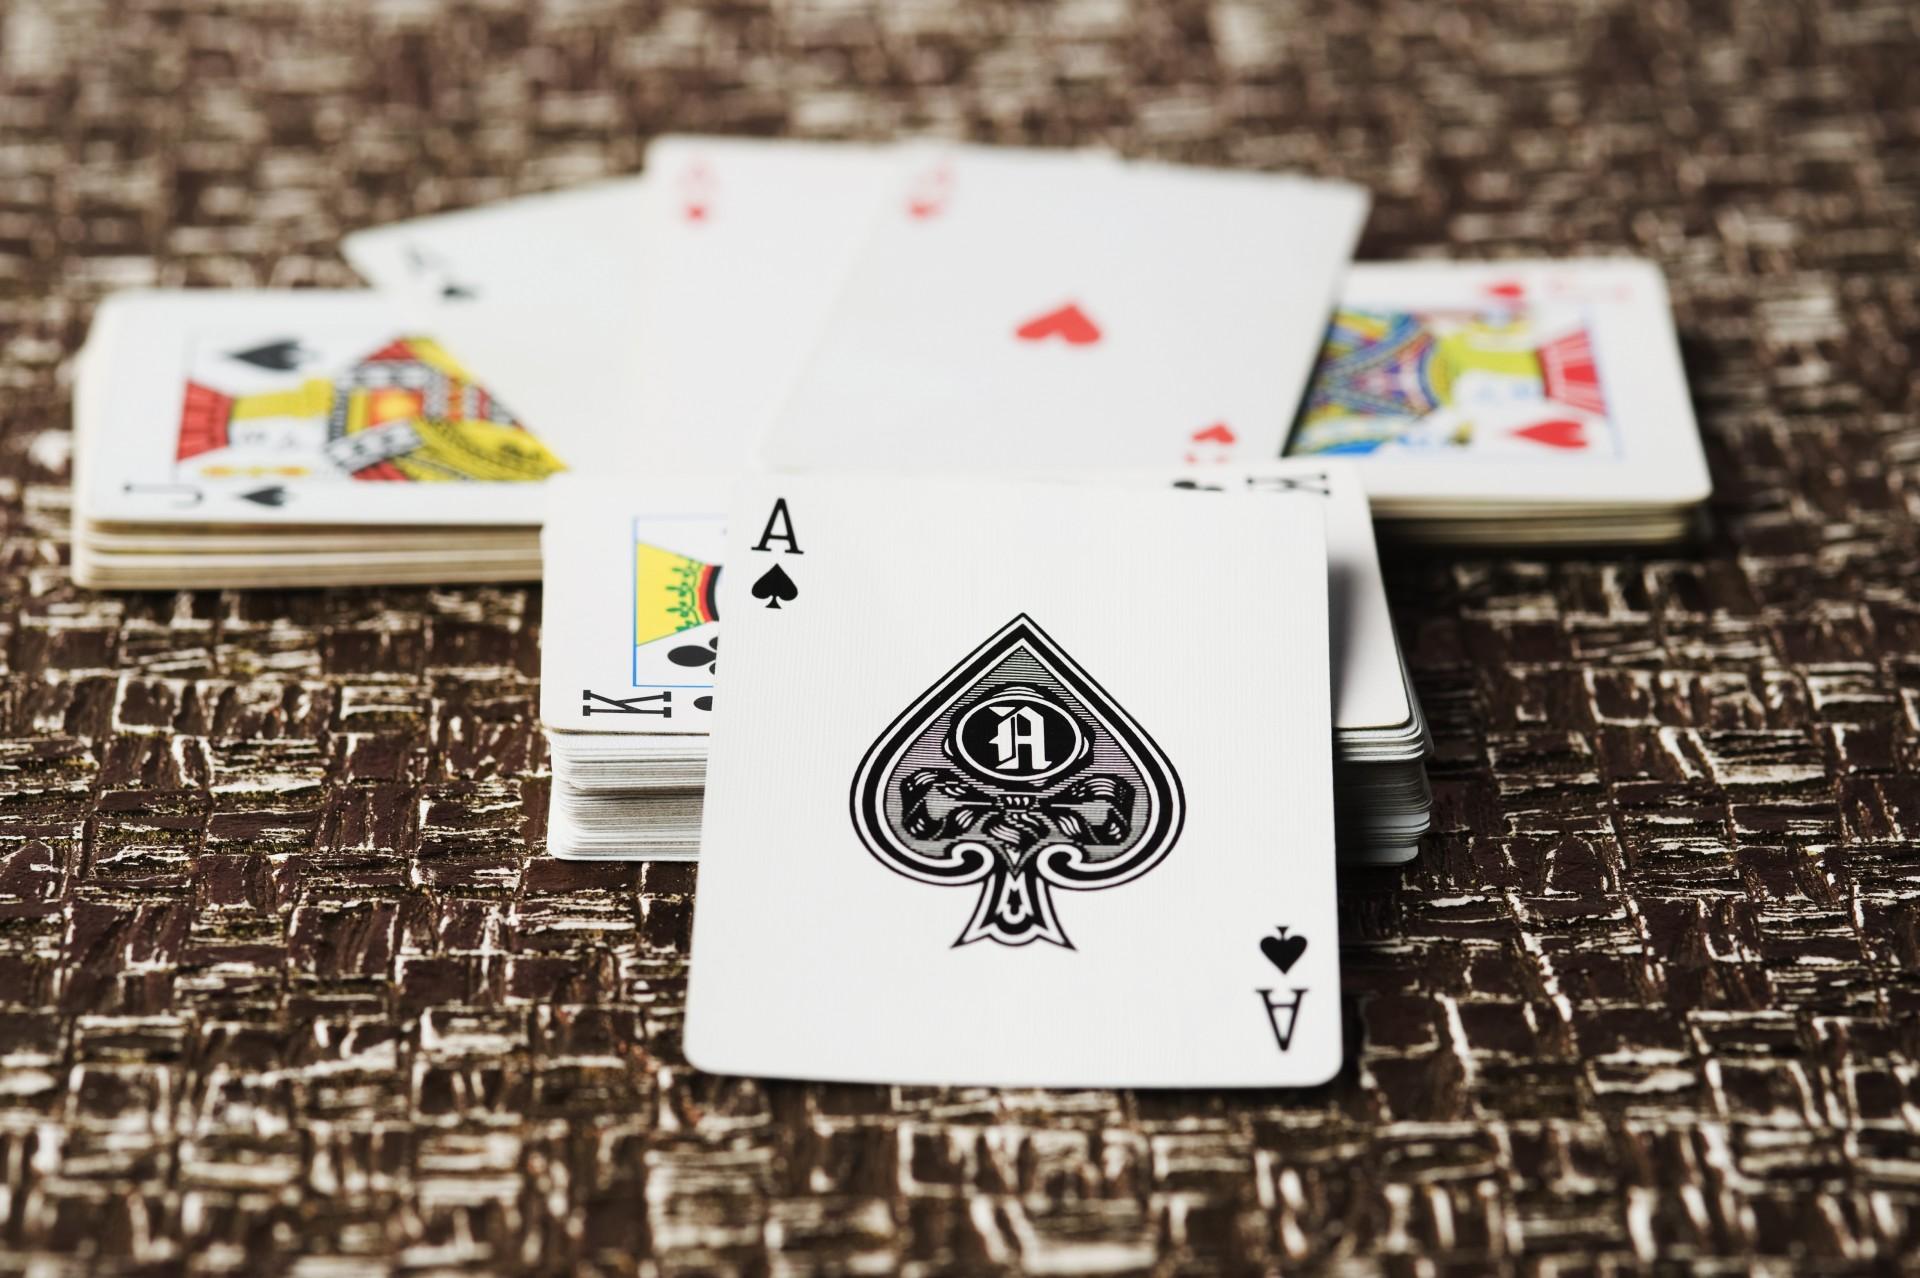 Świetny sposób na miłą podróż! Kilka rewelacyjnych gier w karty